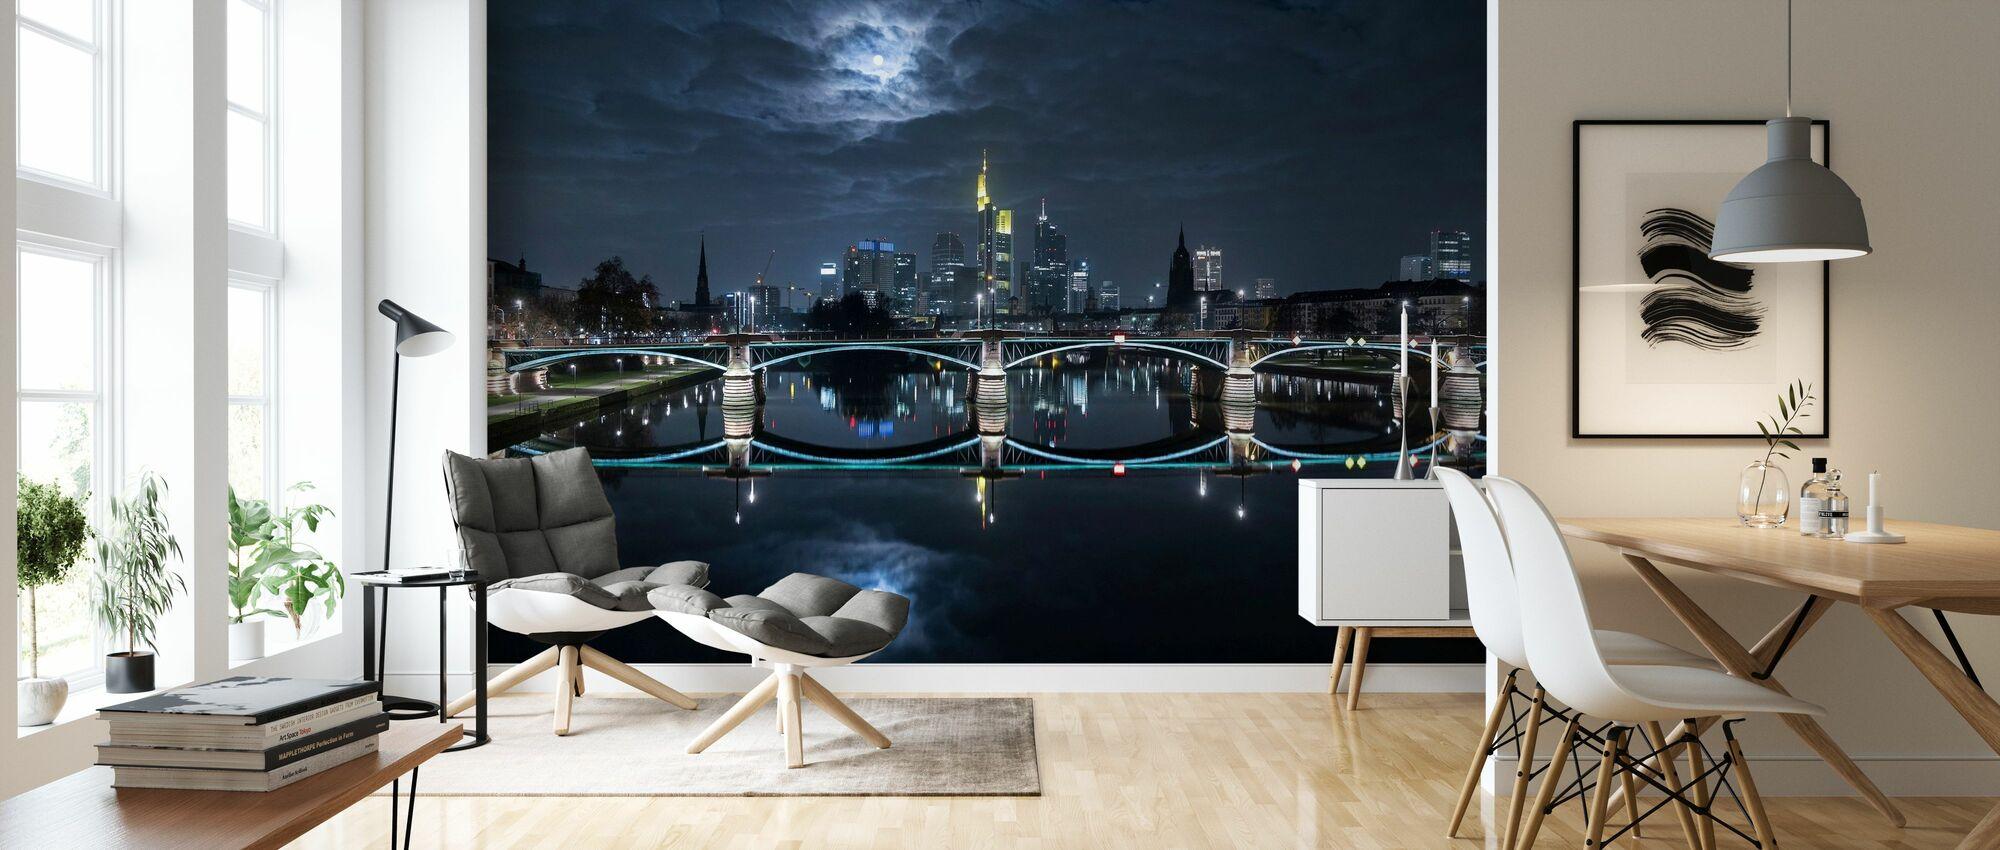 Frankfurt at Full Moon - Wallpaper - Living Room